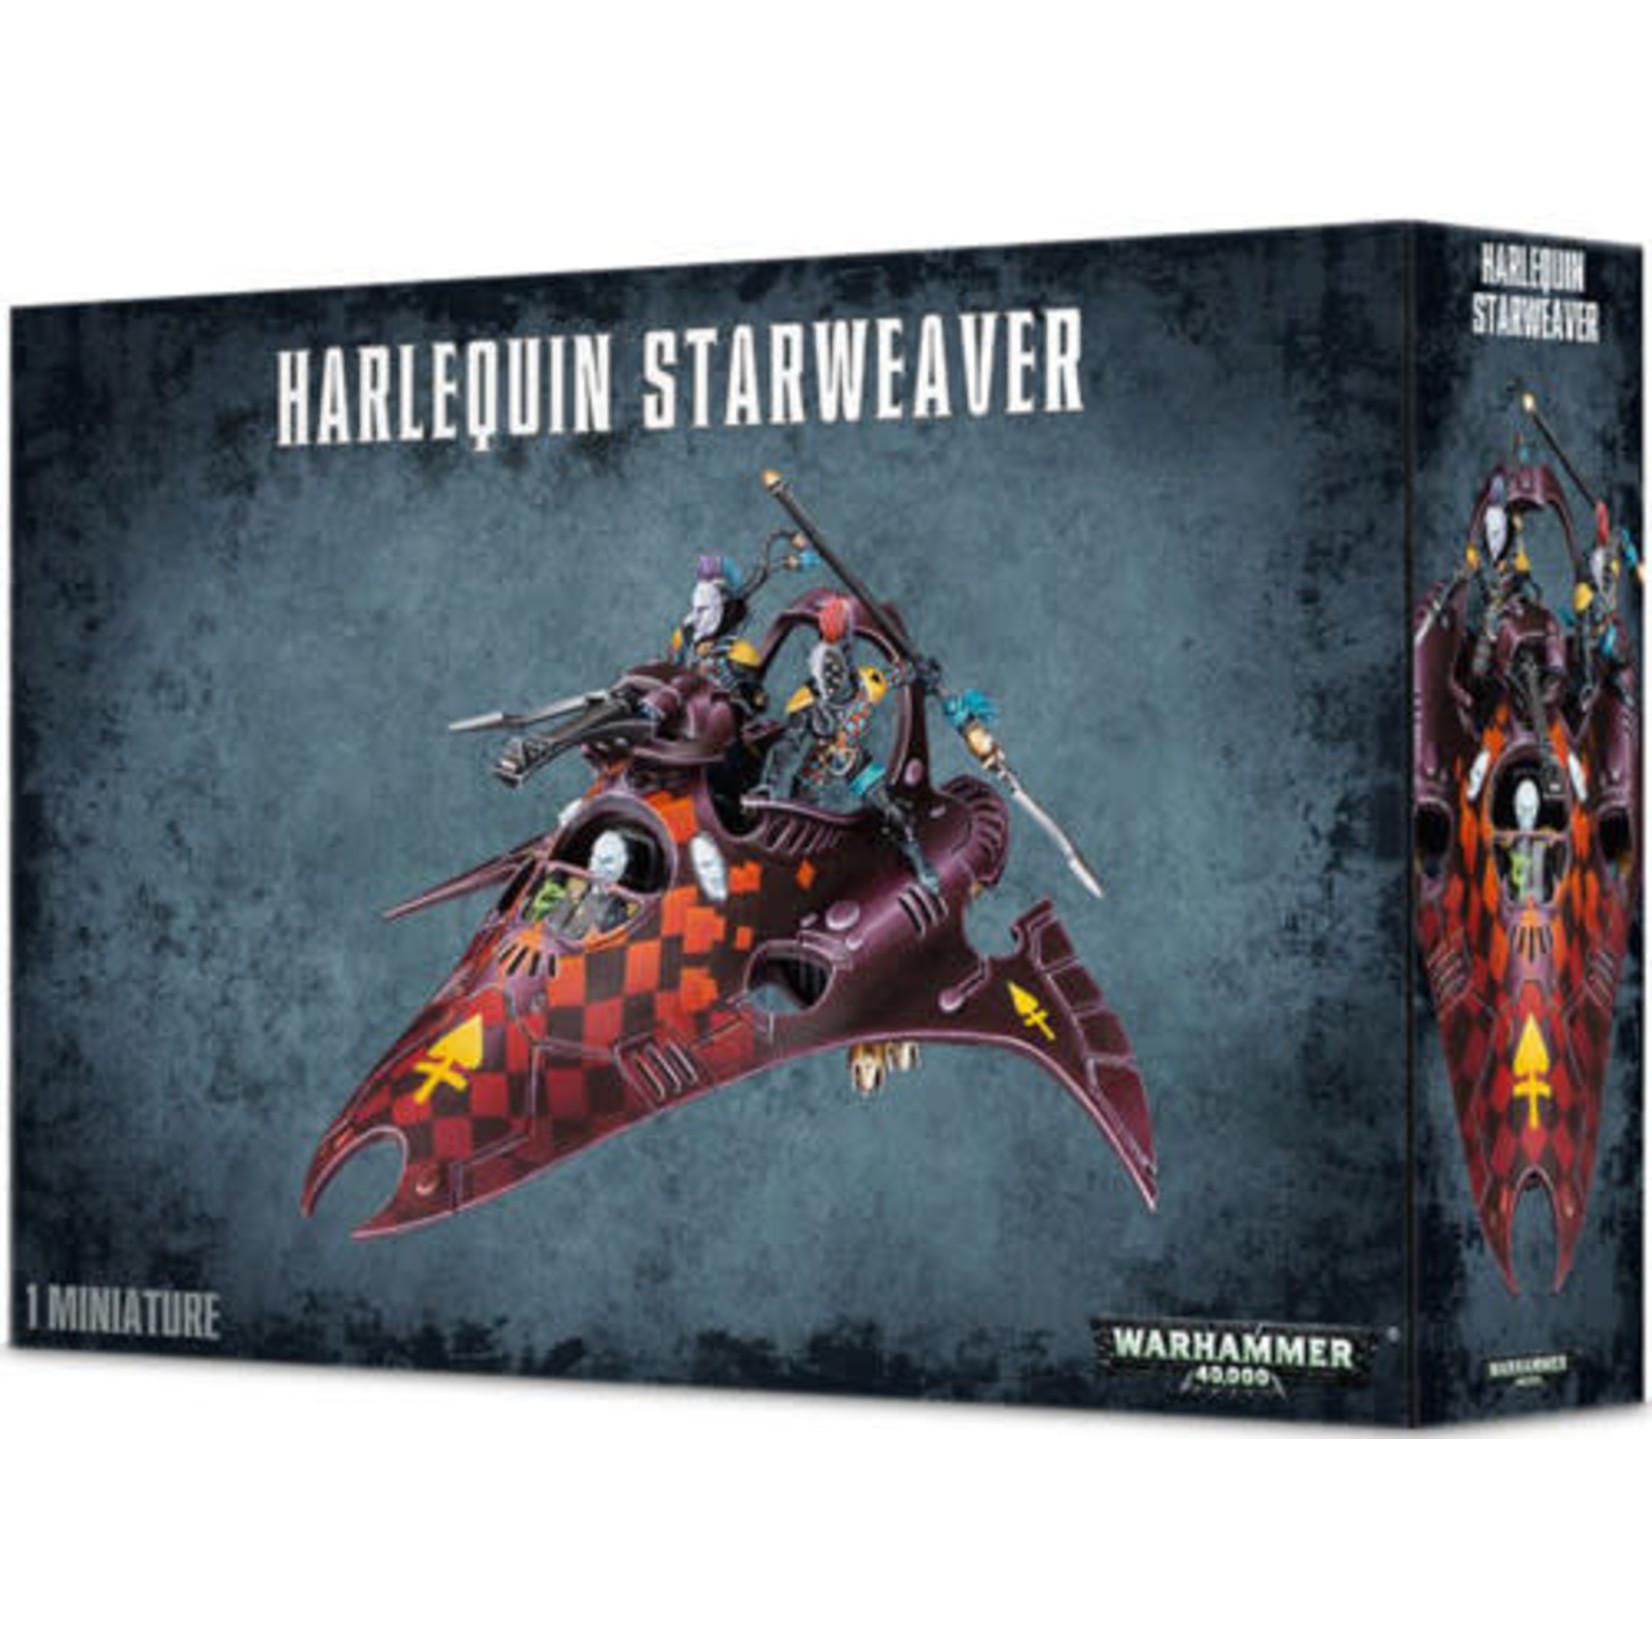 Harlequin Starweaver (40K)